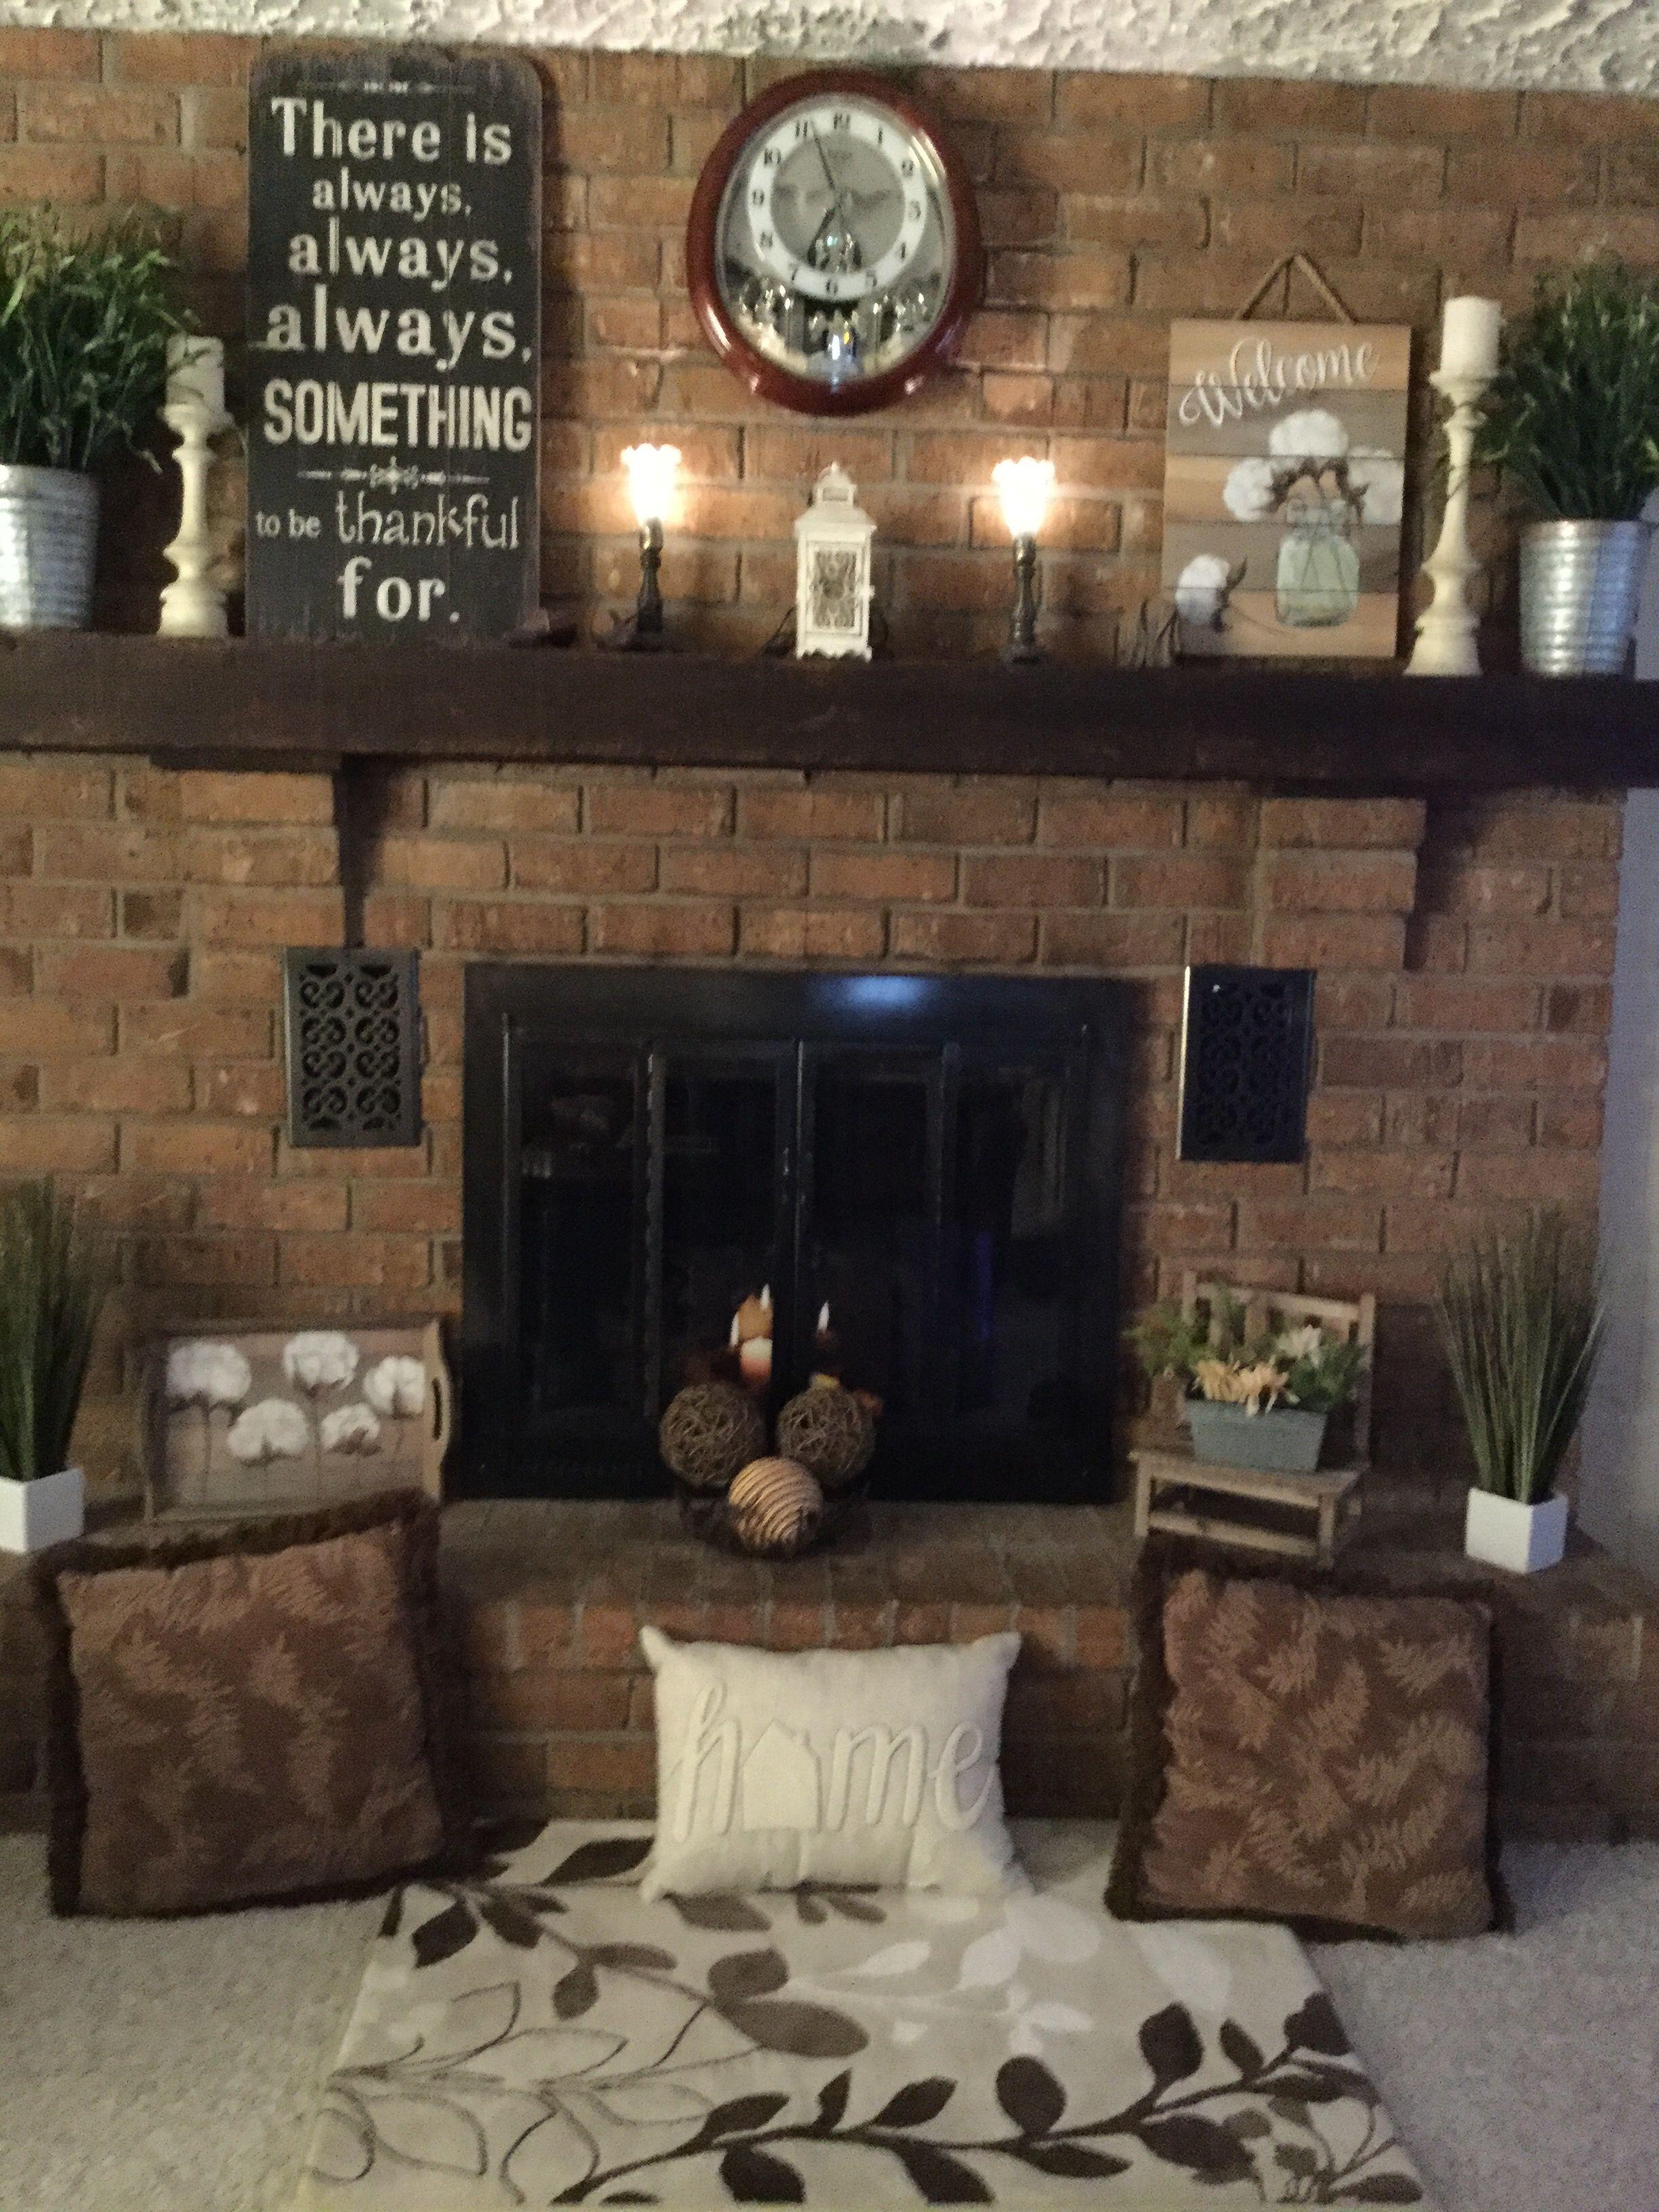 Fireplace Decor From Hobby Lobby Hobby Lobby Decor Fireplace Decor Decor